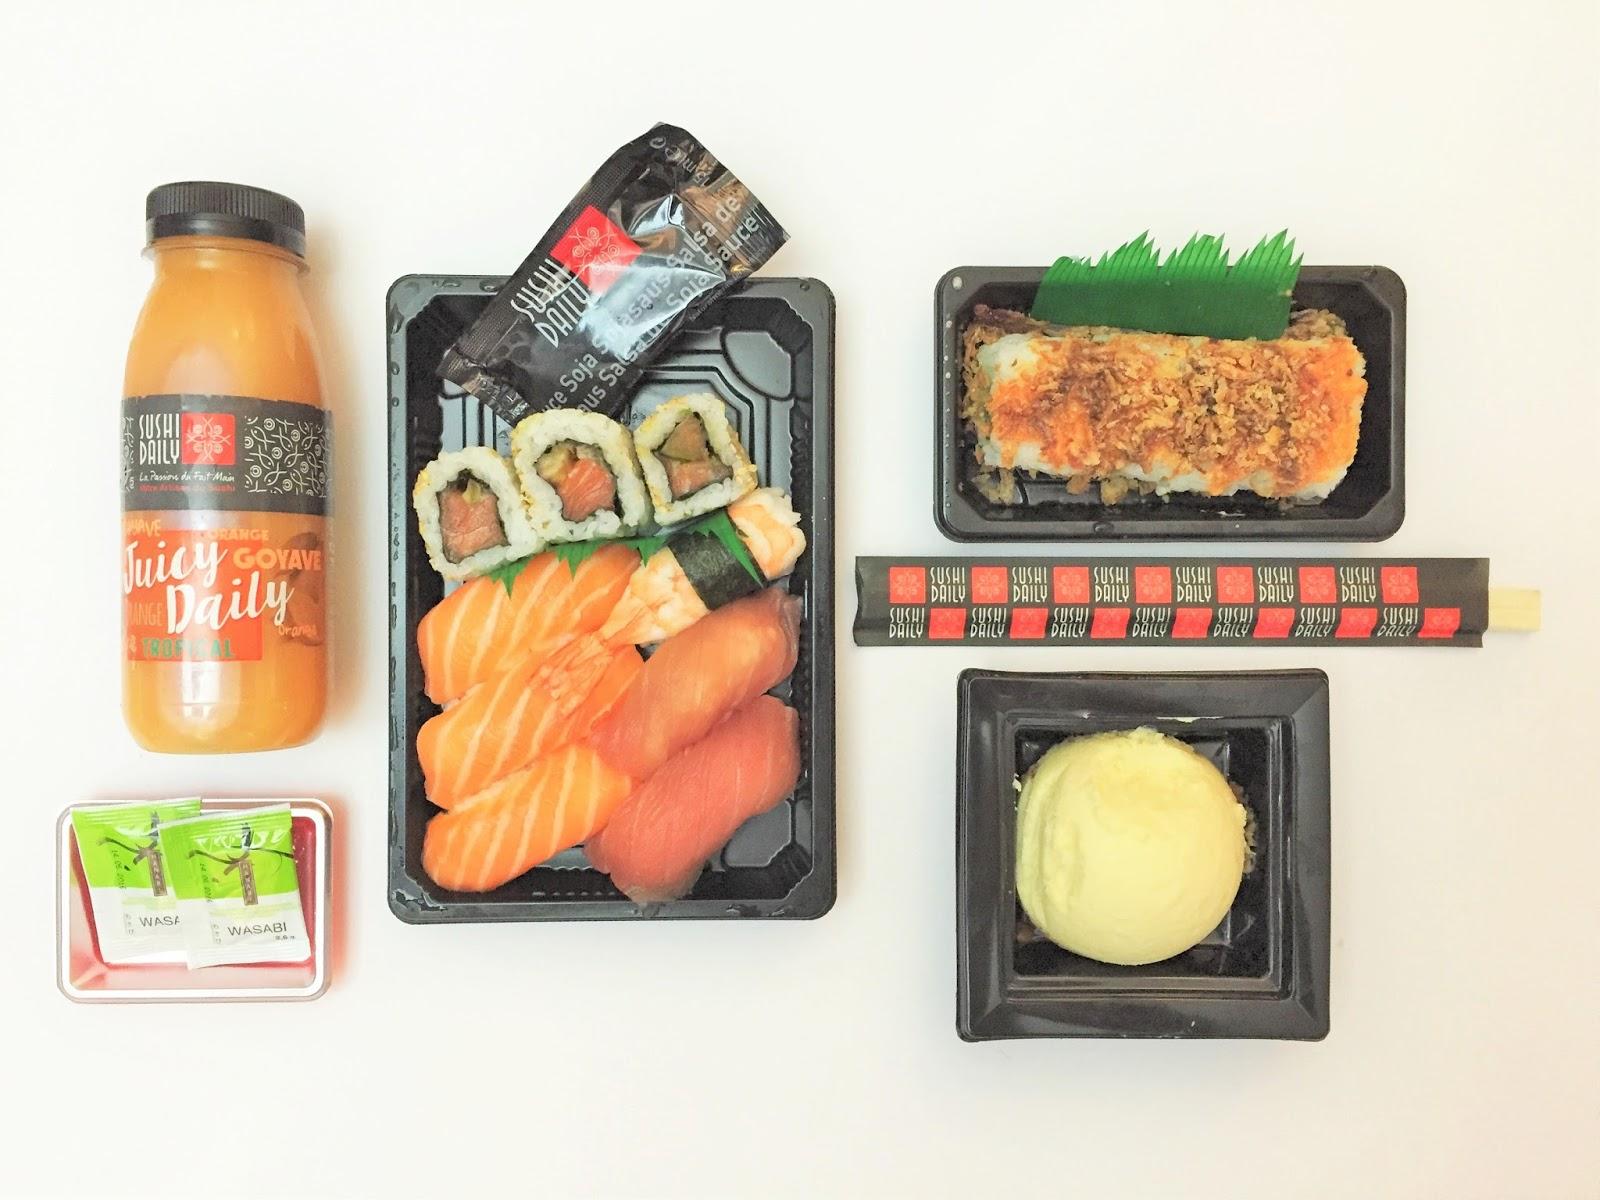 sushi daily maki dayli gare train montparnasse paris sncf voyage encas snack nouveau kiosque jap japonais gastronomie roll cheesecake yuzu food fastfood